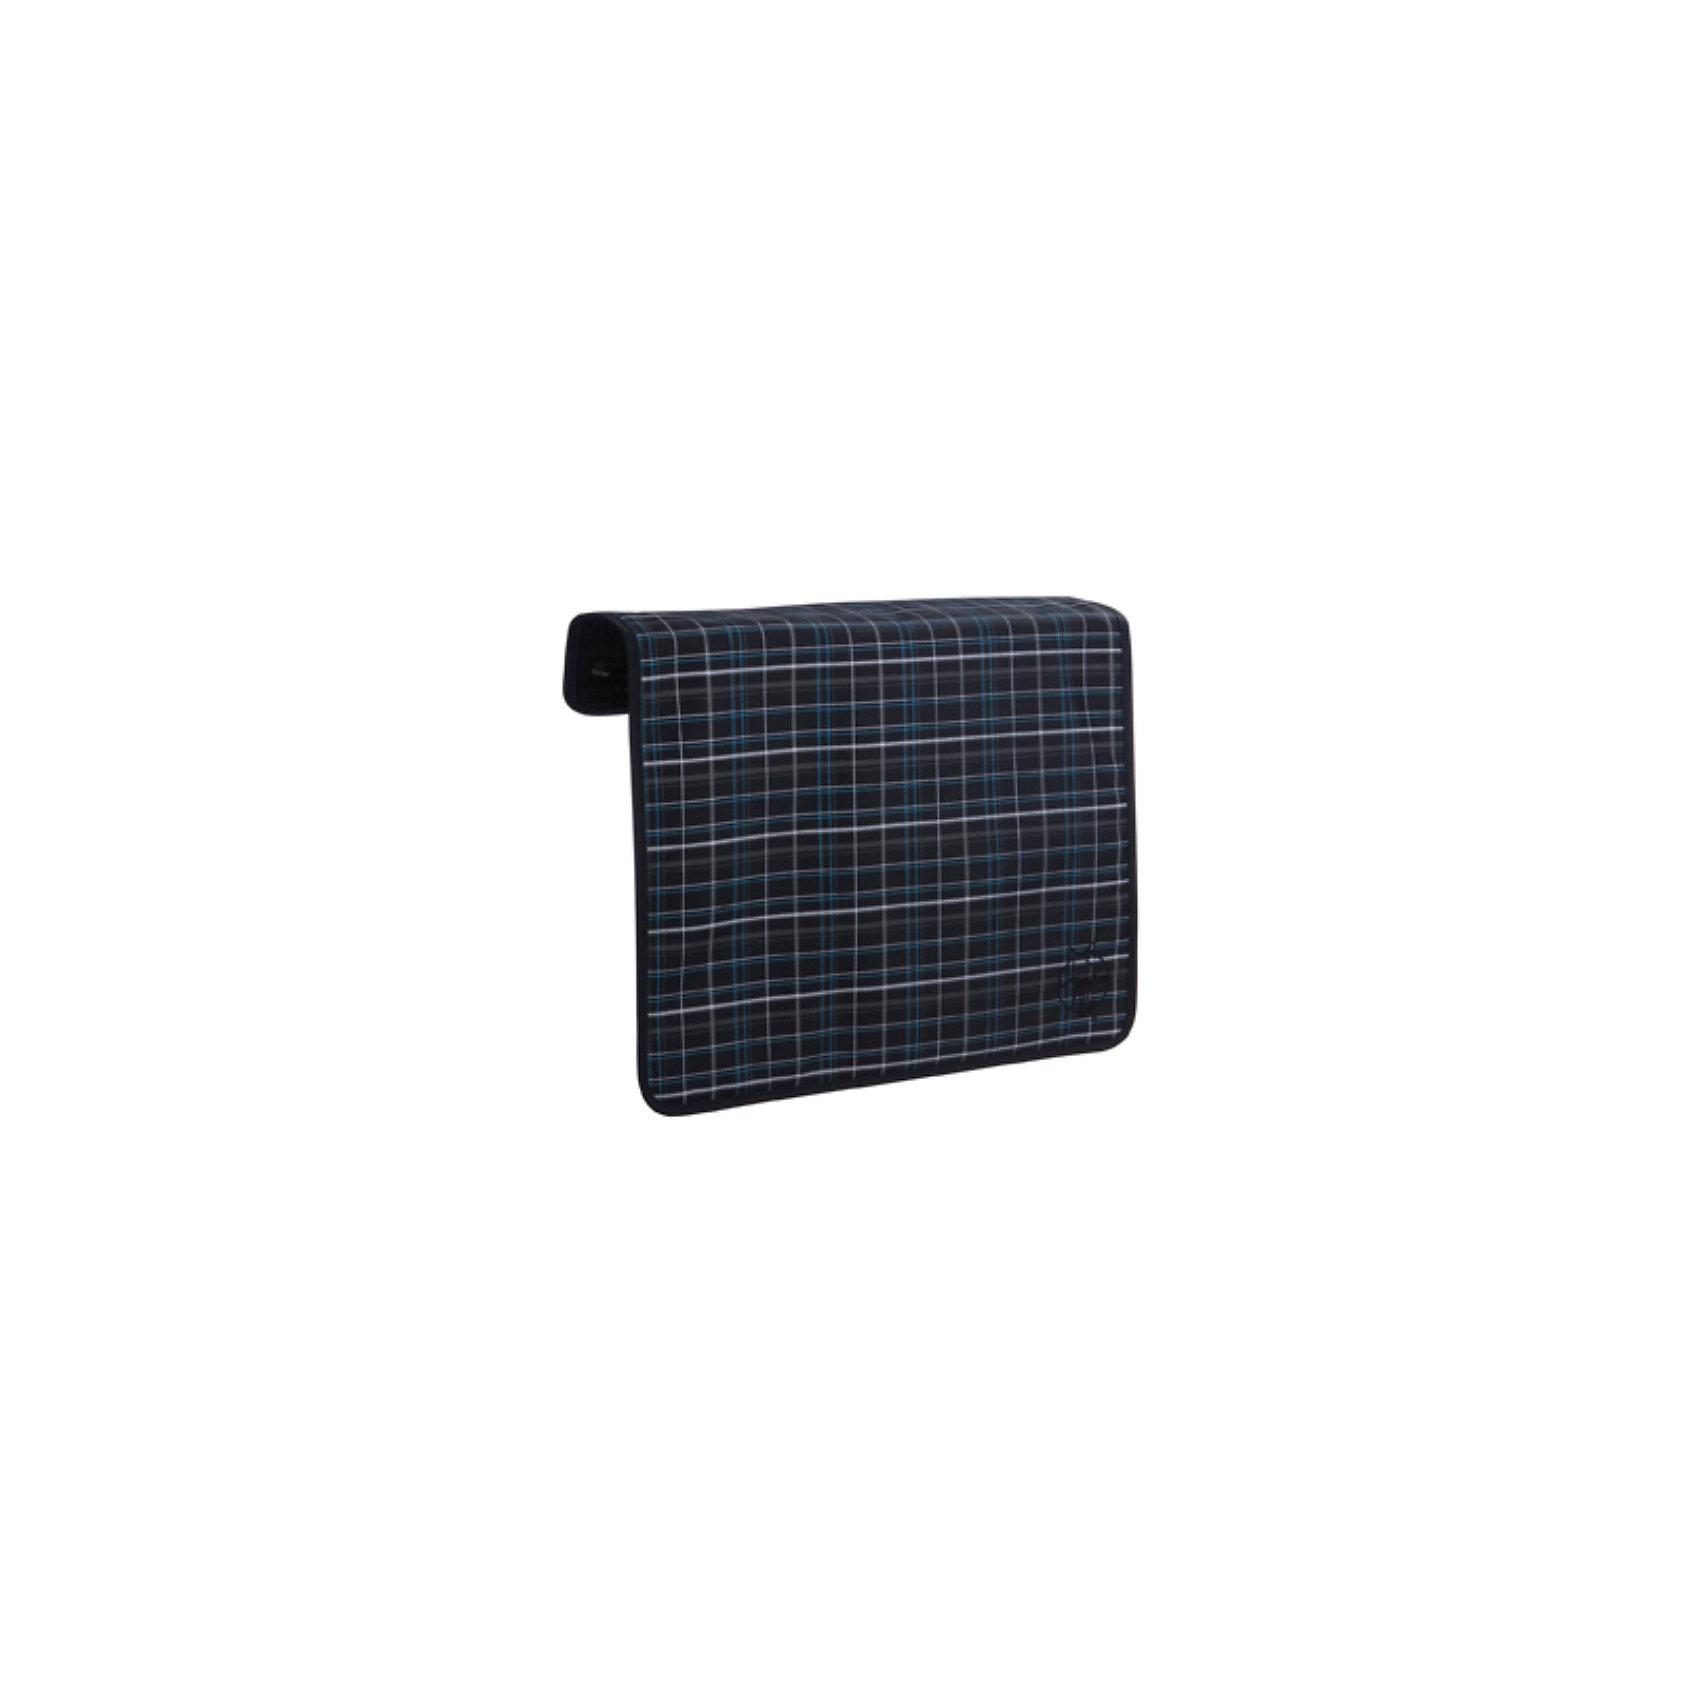 Lassig Съемная передняя панель клетка/черный